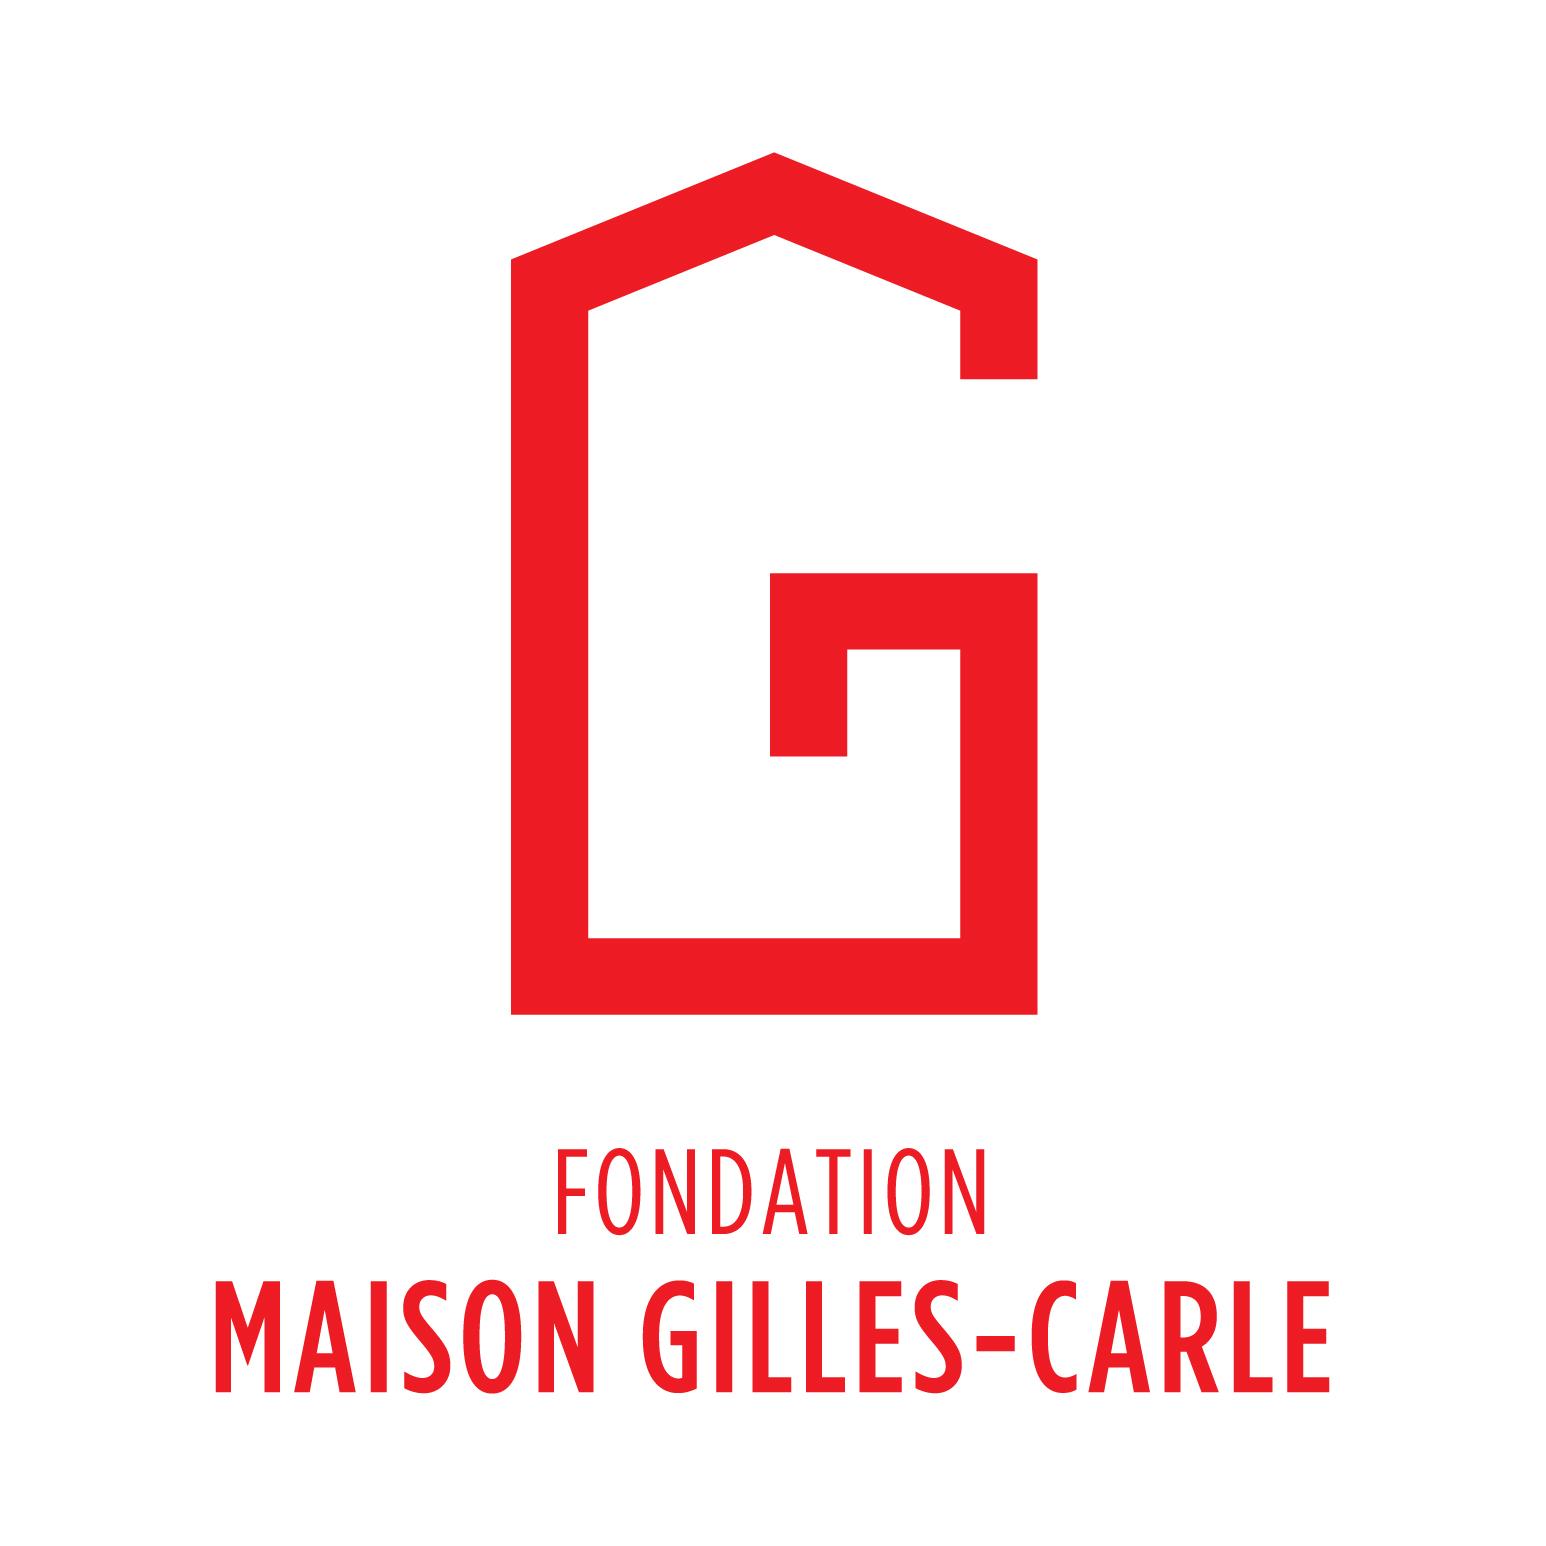 Fondation Maison Gilles-Carle